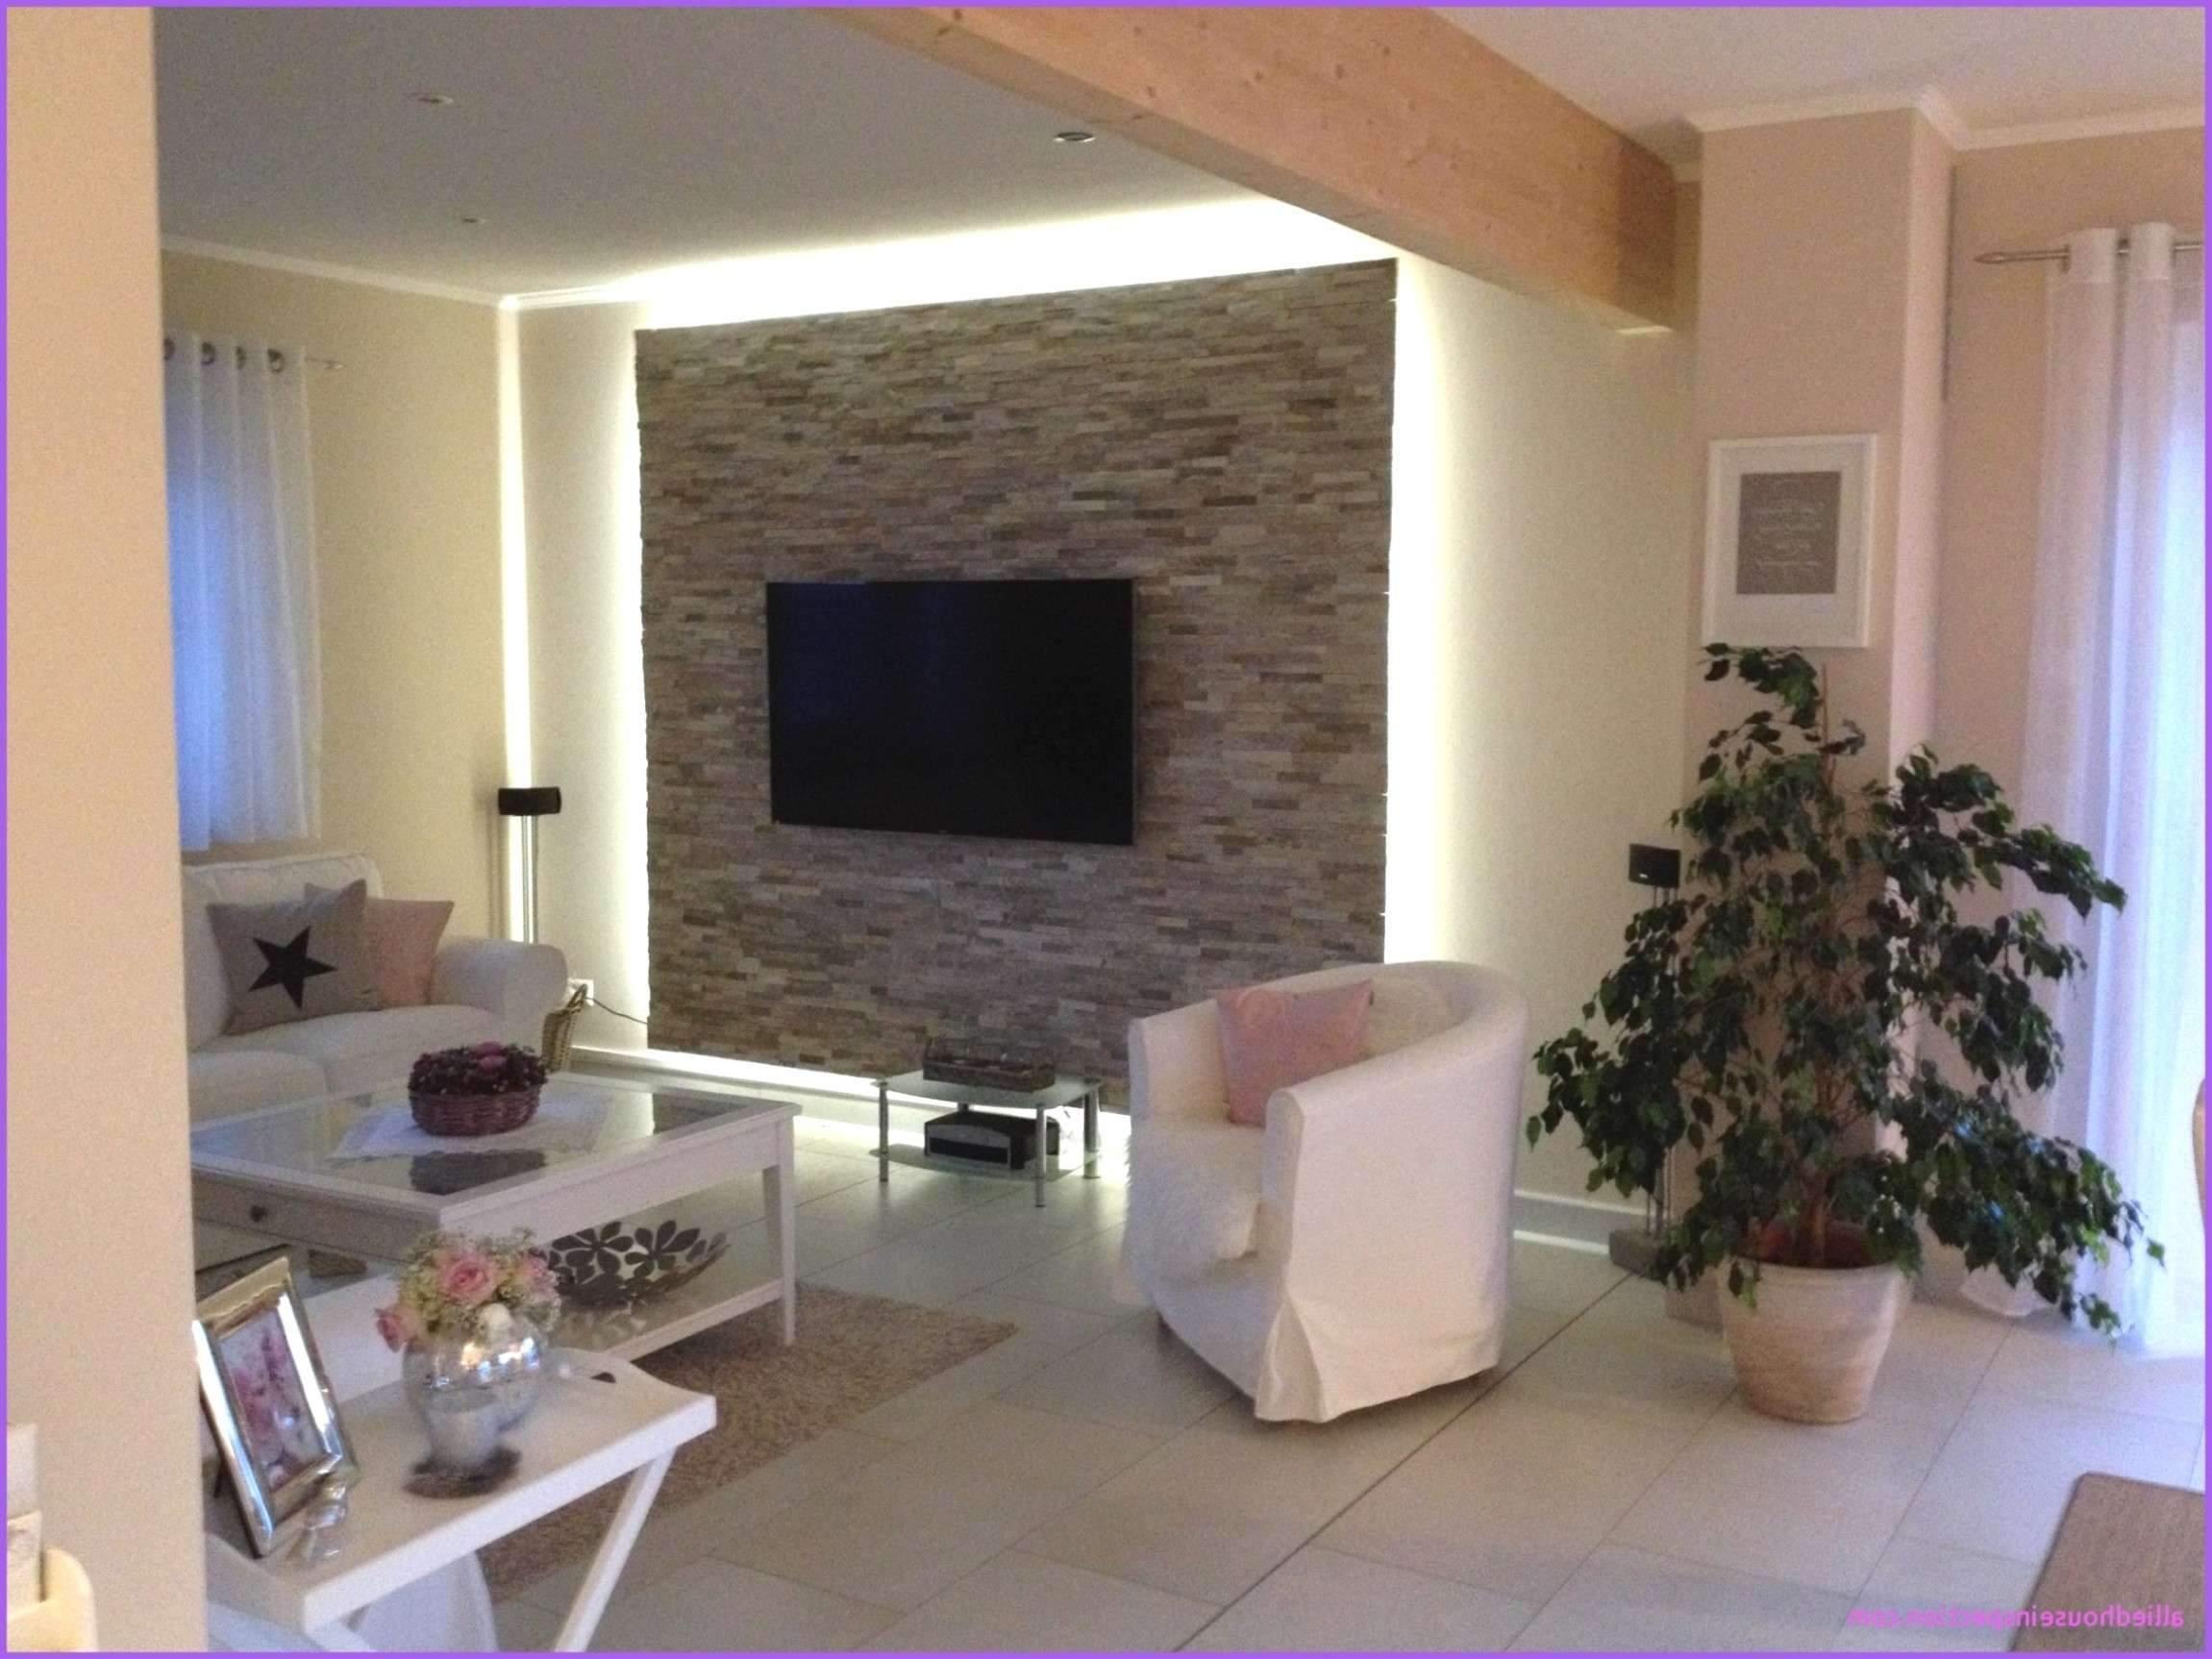 gestaltung wohnzimmer genial wohnzimmer design ideen ideen tipps von experten in sem jahr of gestaltung wohnzimmer